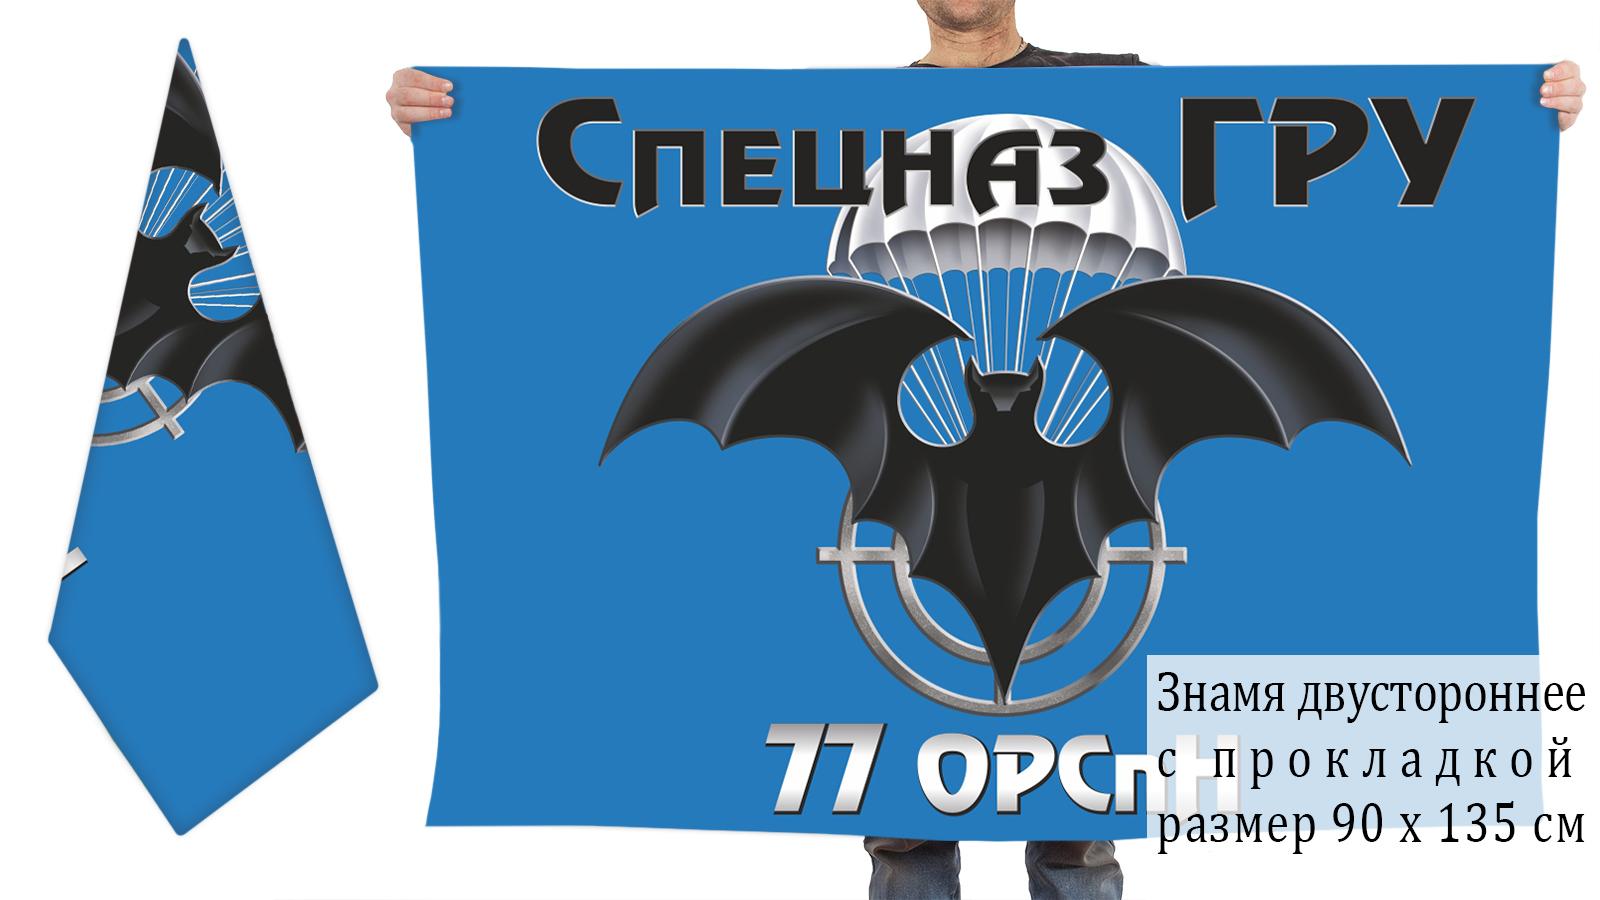 Двусторонний флаг 77отдельной роты специального назначения спецназа ГРУ